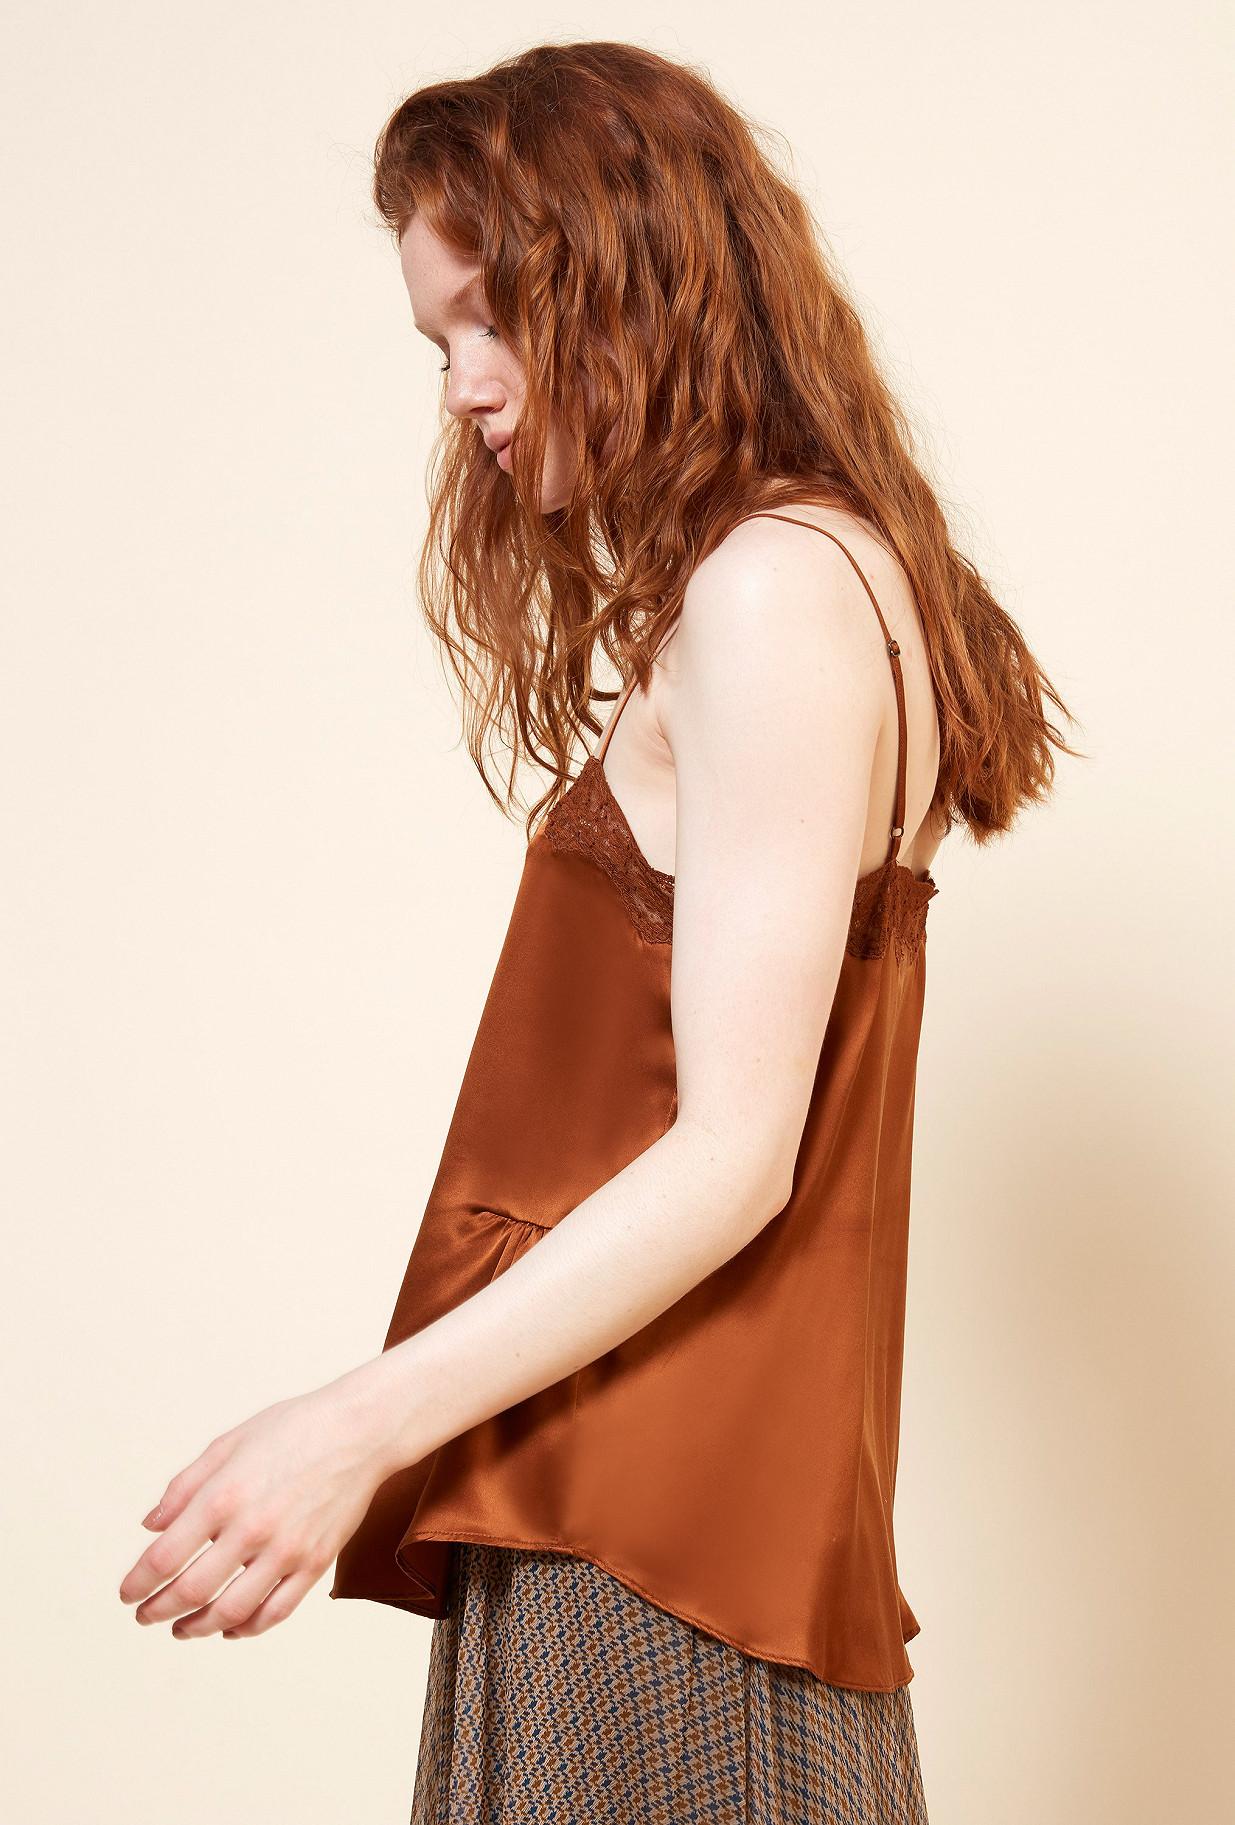 Orange  TOP  Alinea Mes demoiselles fashion clothes designer Paris